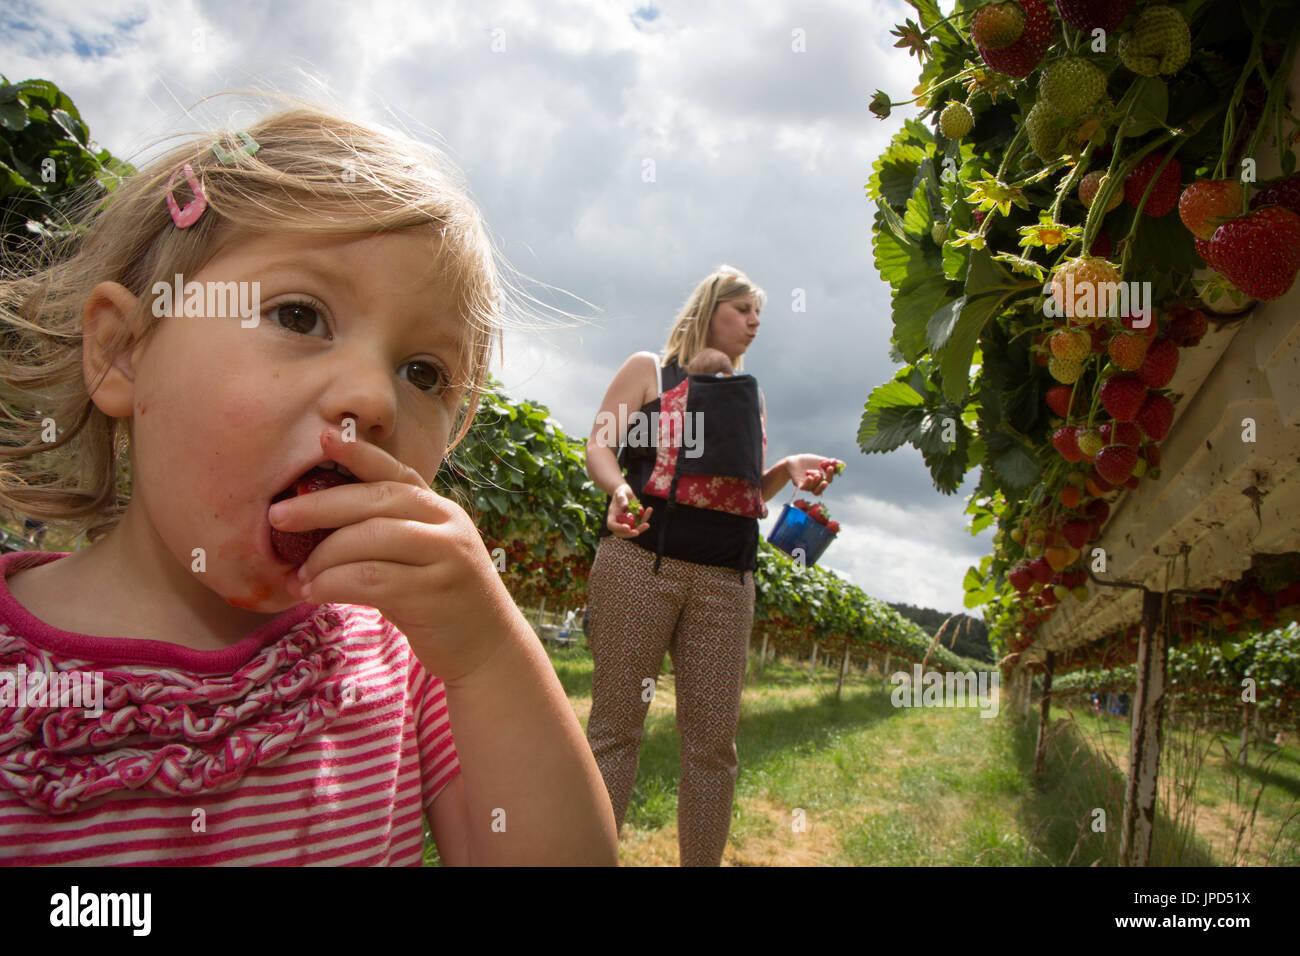 Un bébé fille de 18 mois mange les fraises à un l'autocueillette de la ferme en Angleterre. Sa mère et soeur de bébé sont à l'arrière-plan Photo Stock